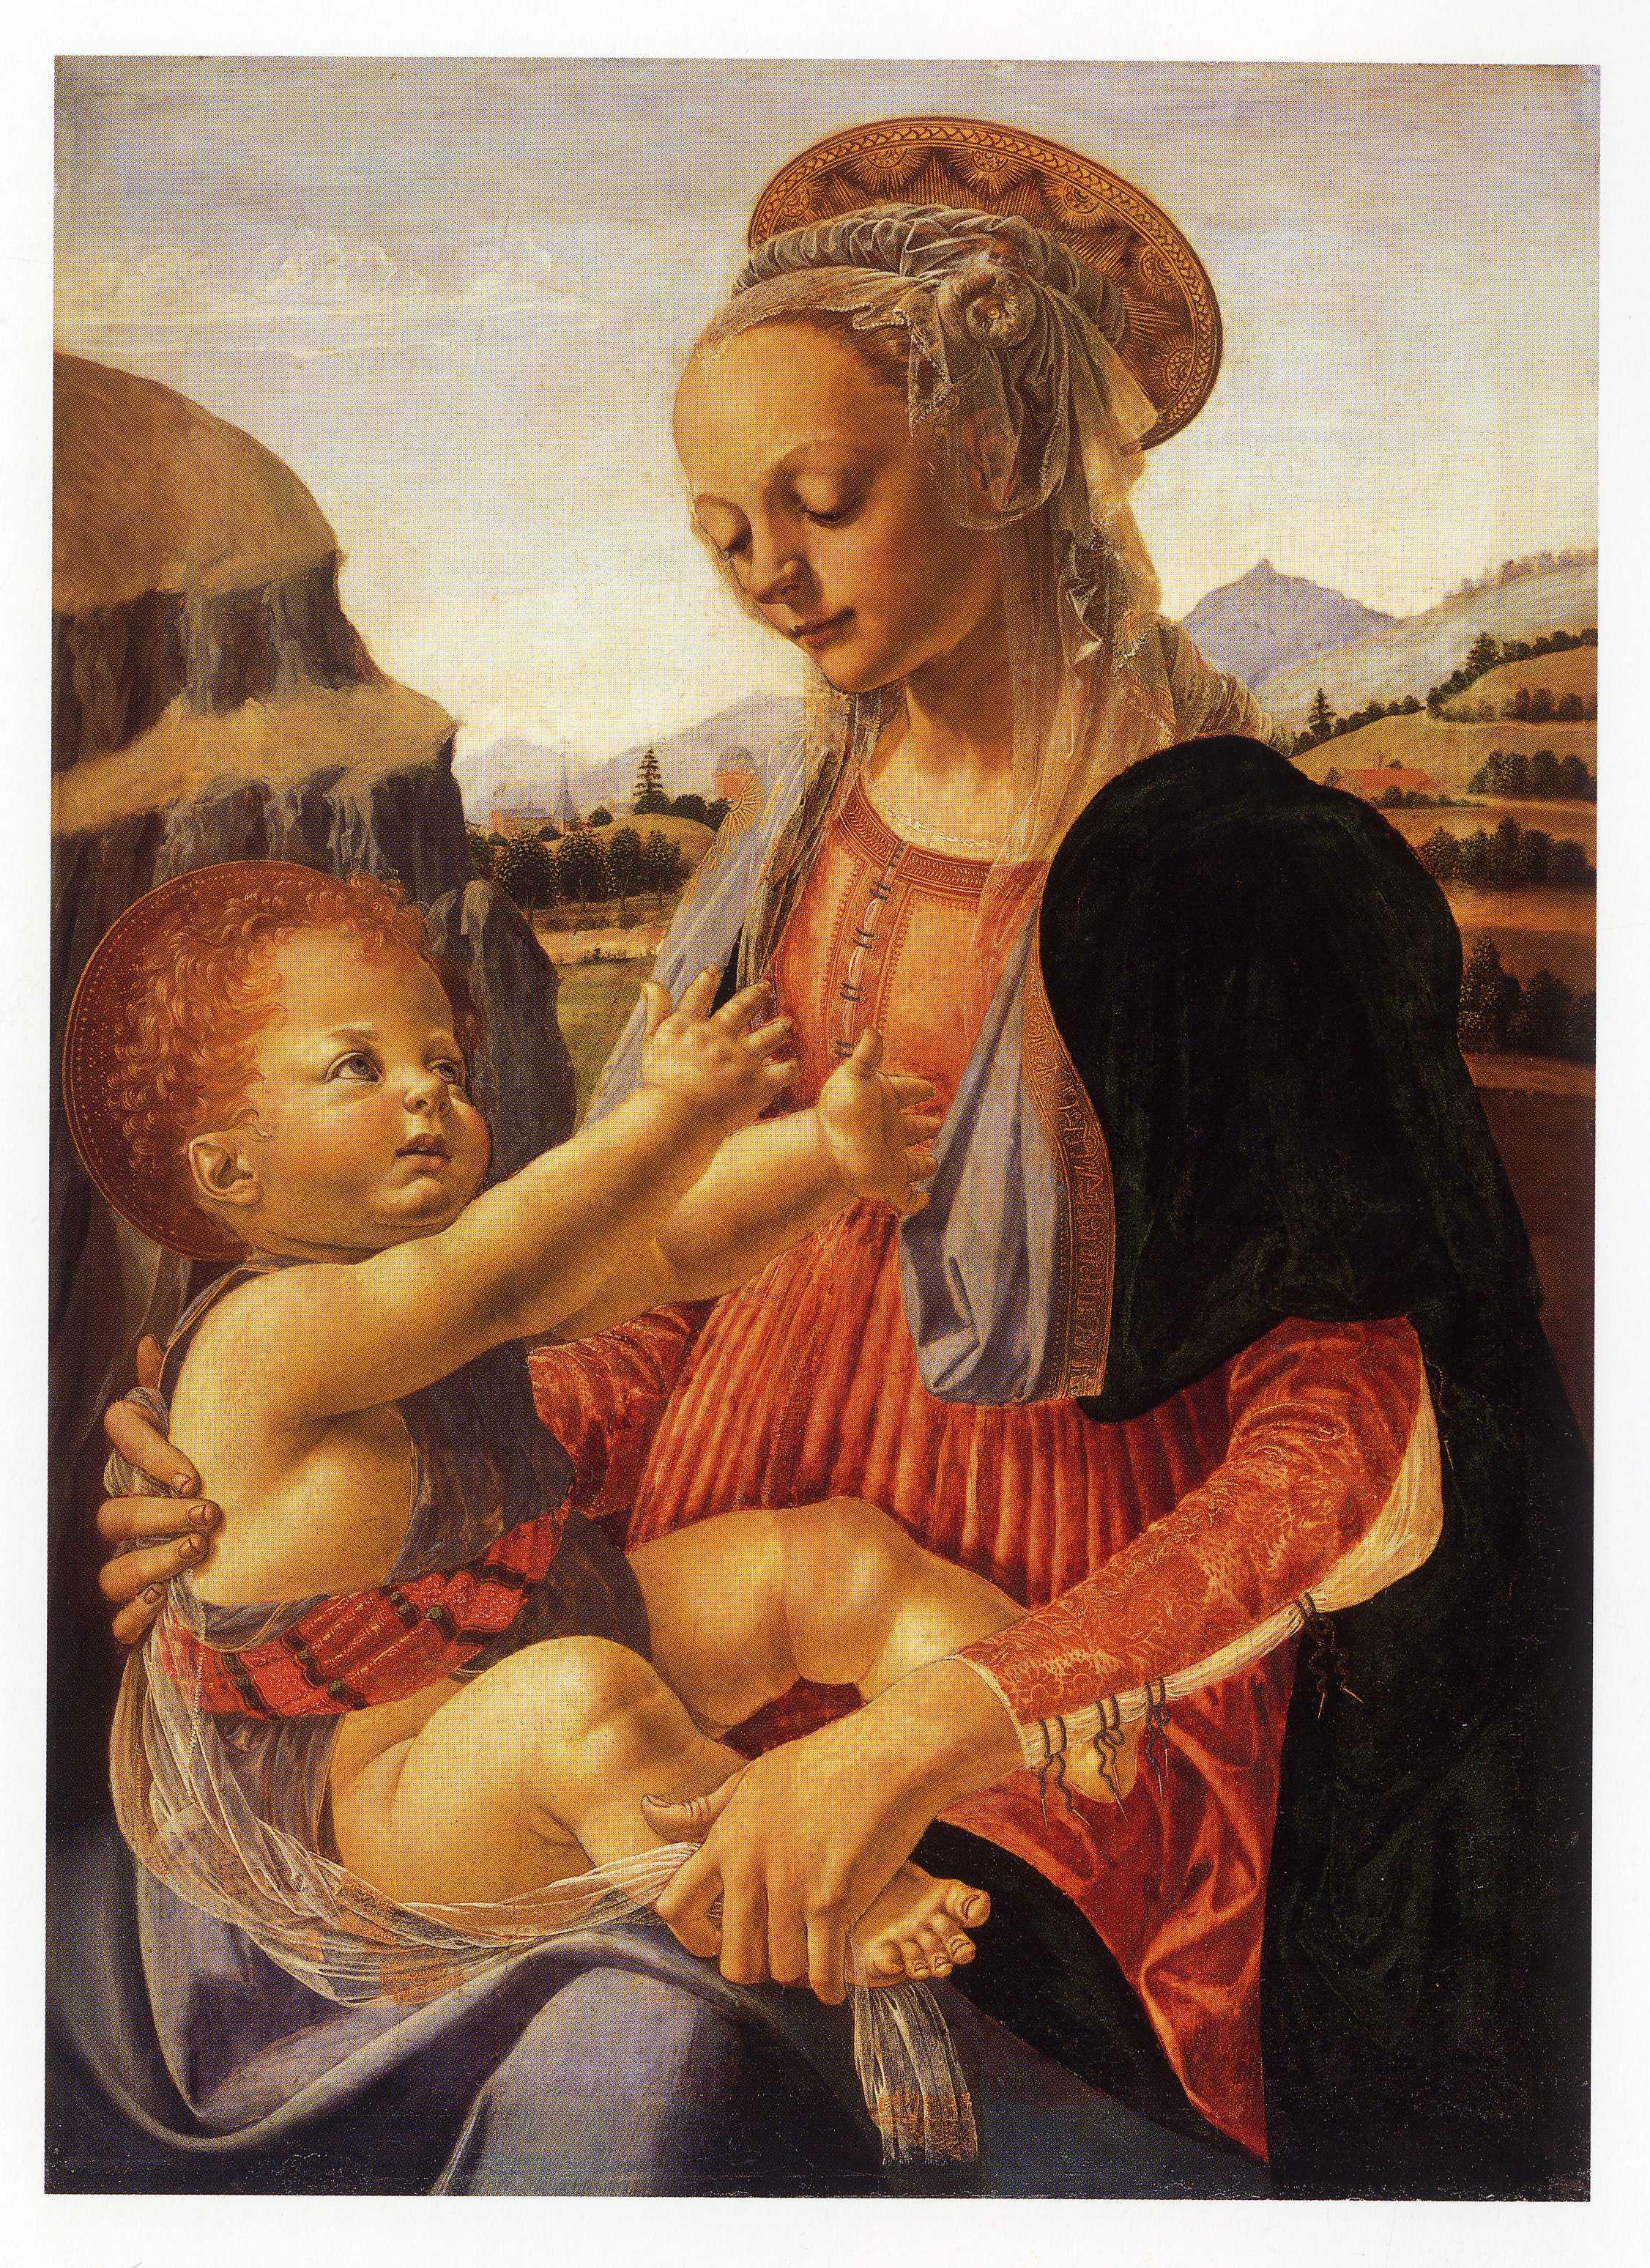 ヴェロッキオ《聖母子》ベルリン絵画館